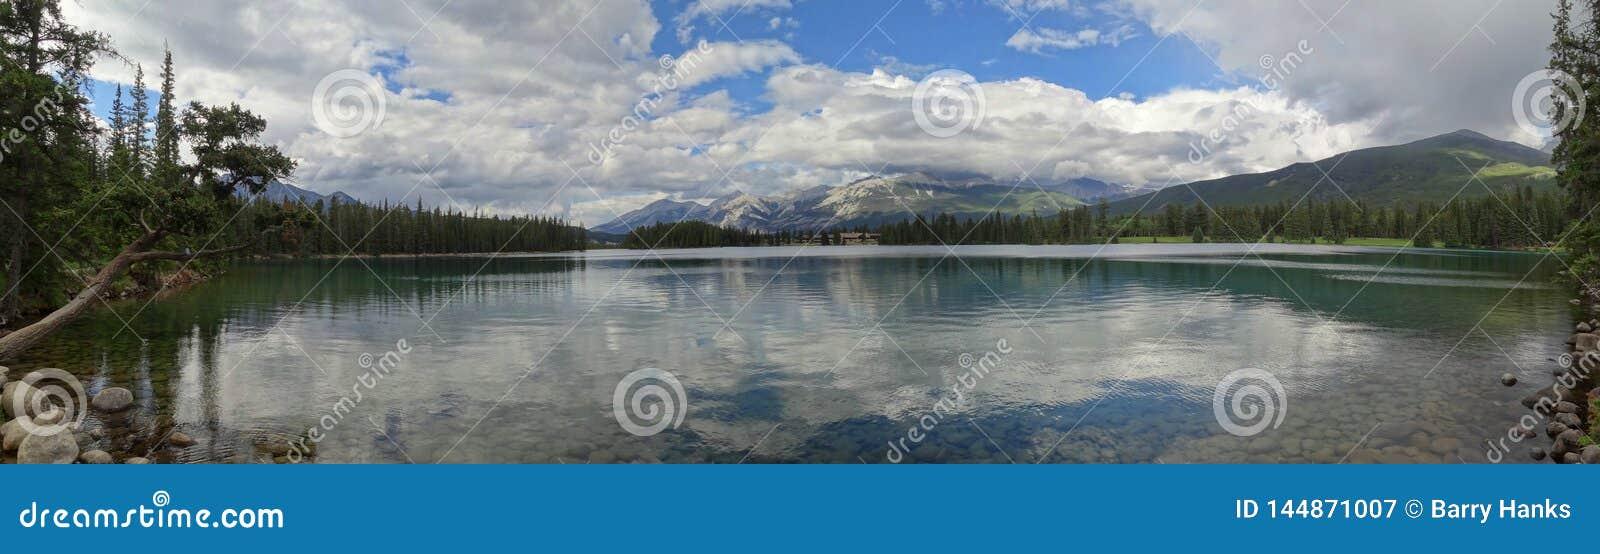 Мирный и спокойный Lac Beauvert, с величественным держателем Мерлином на заднем плане